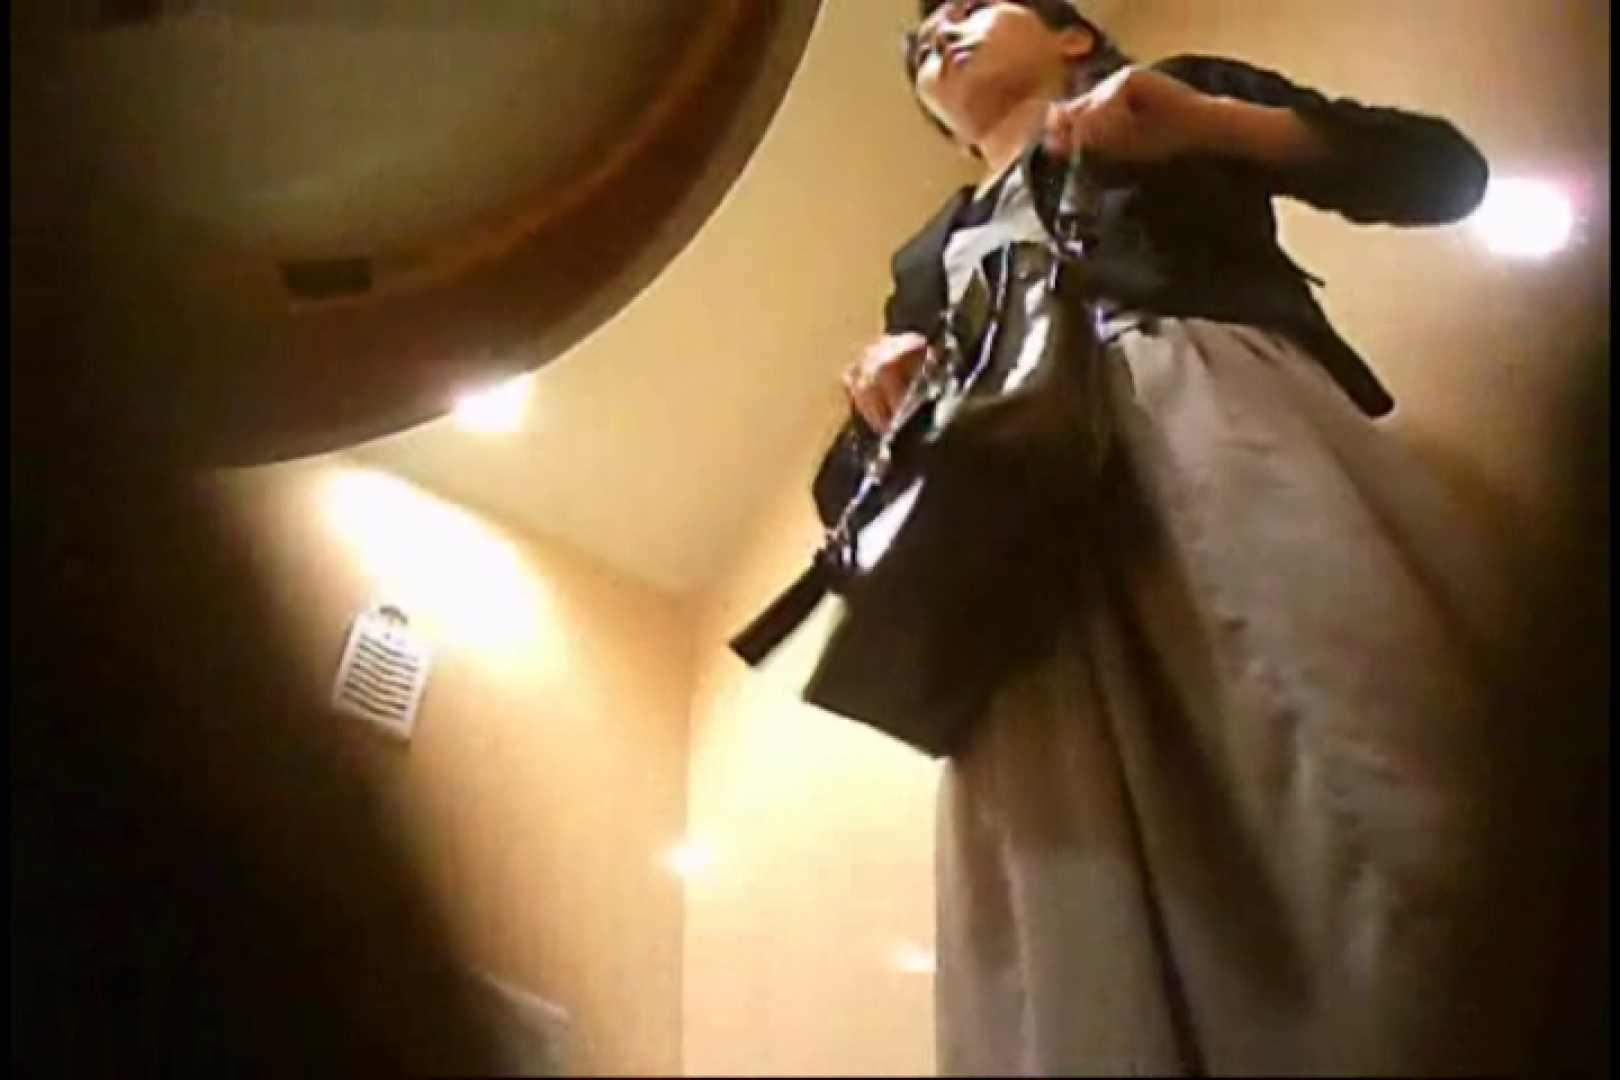 潜入!!女子化粧室盗撮~絶対見られたくない時間~vo,104 熟女のエロ動画 おめこ無修正動画無料 87PIX 63